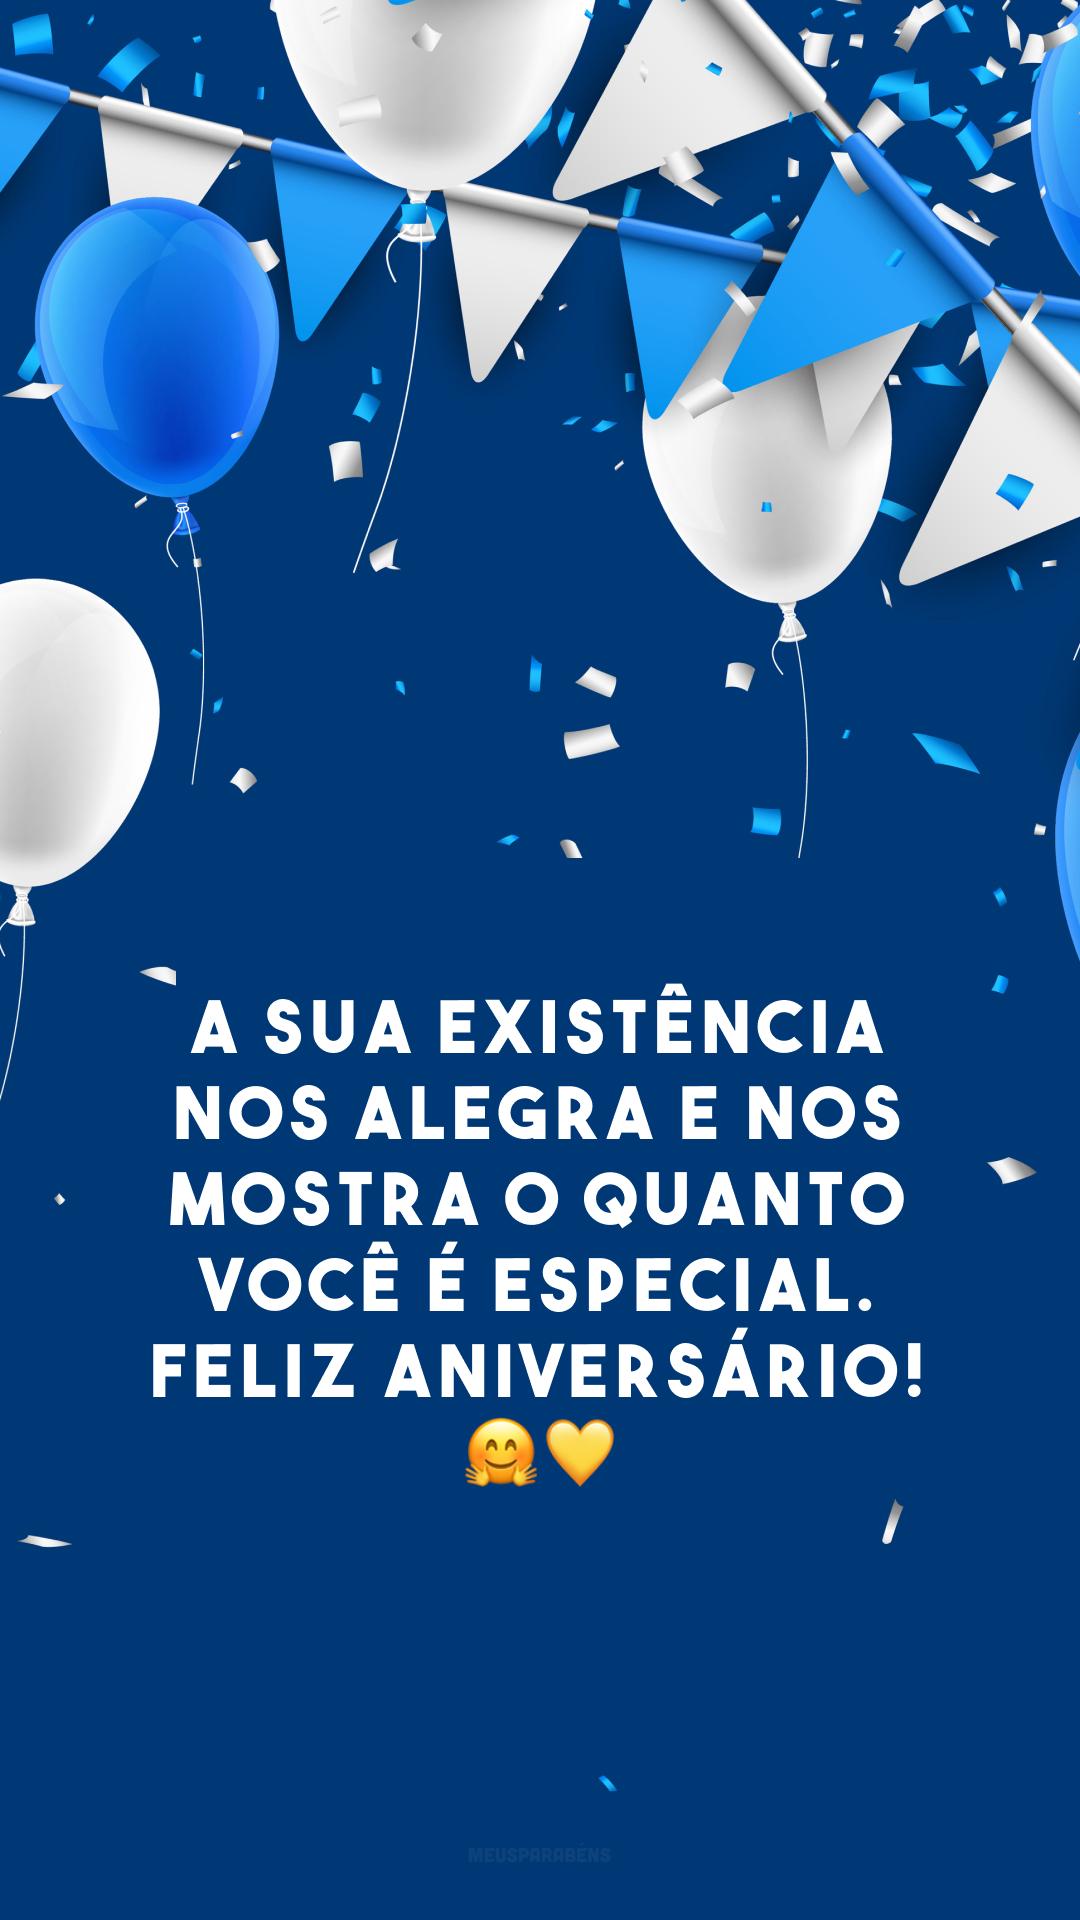 A sua existência nos alegra e nos mostra o quanto você é especial. Feliz aniversário! 🤗💛